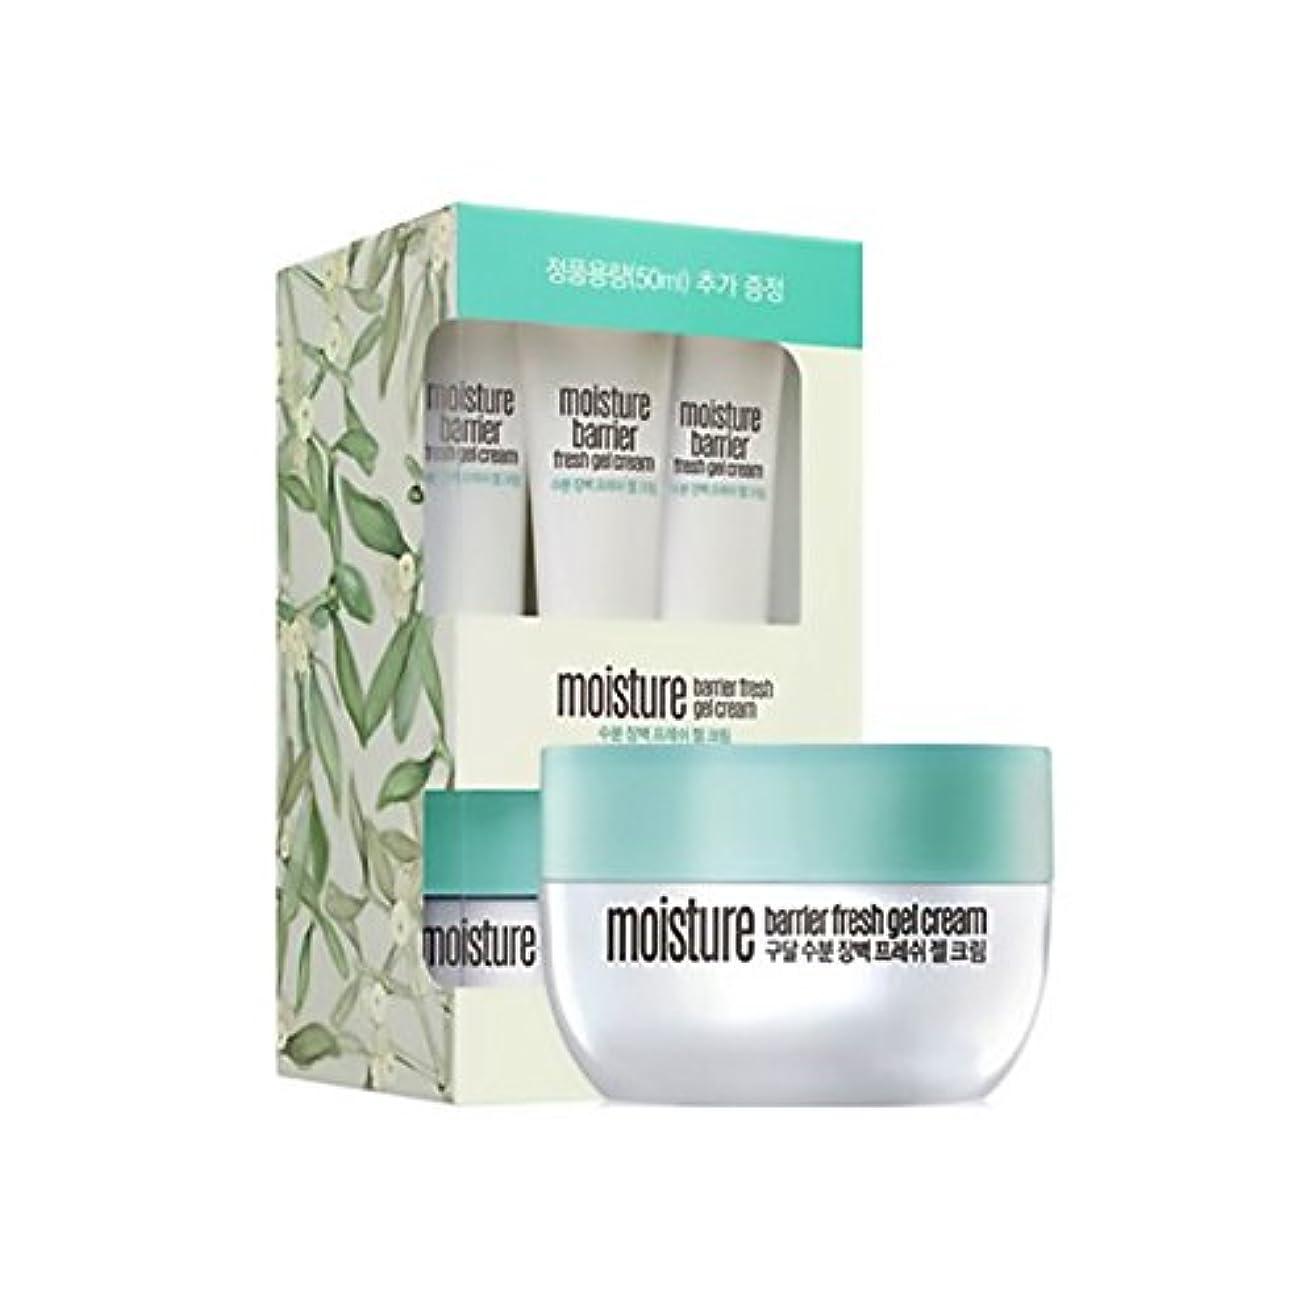 ブランド名沈黙くしゃみgoodal moisture barrier fresh gel cream set